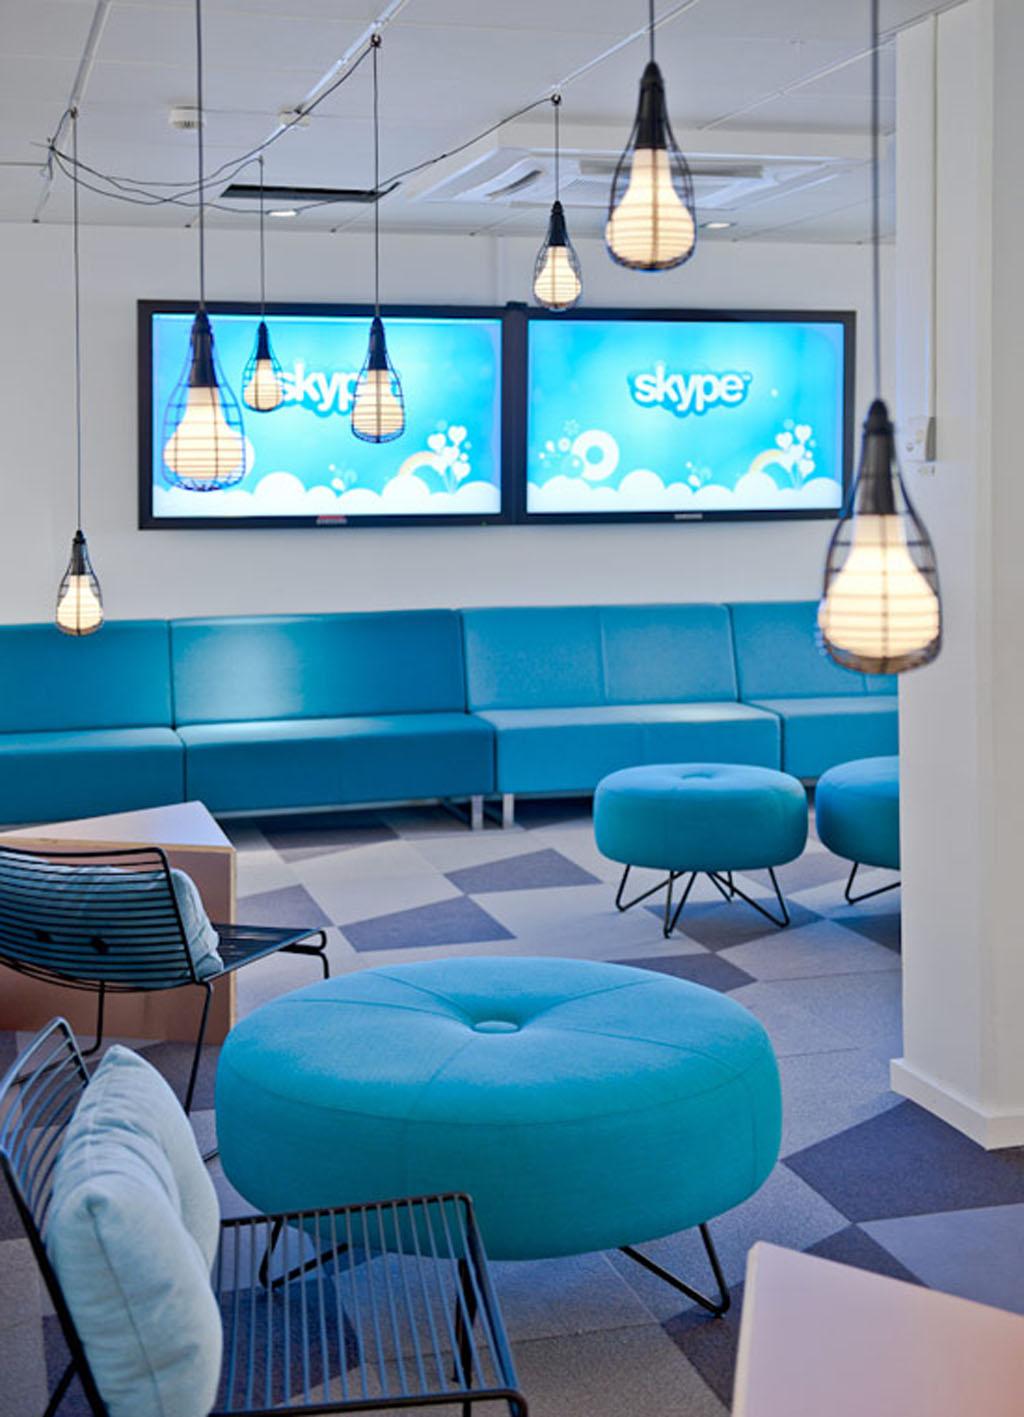 4-zennstrom-skype